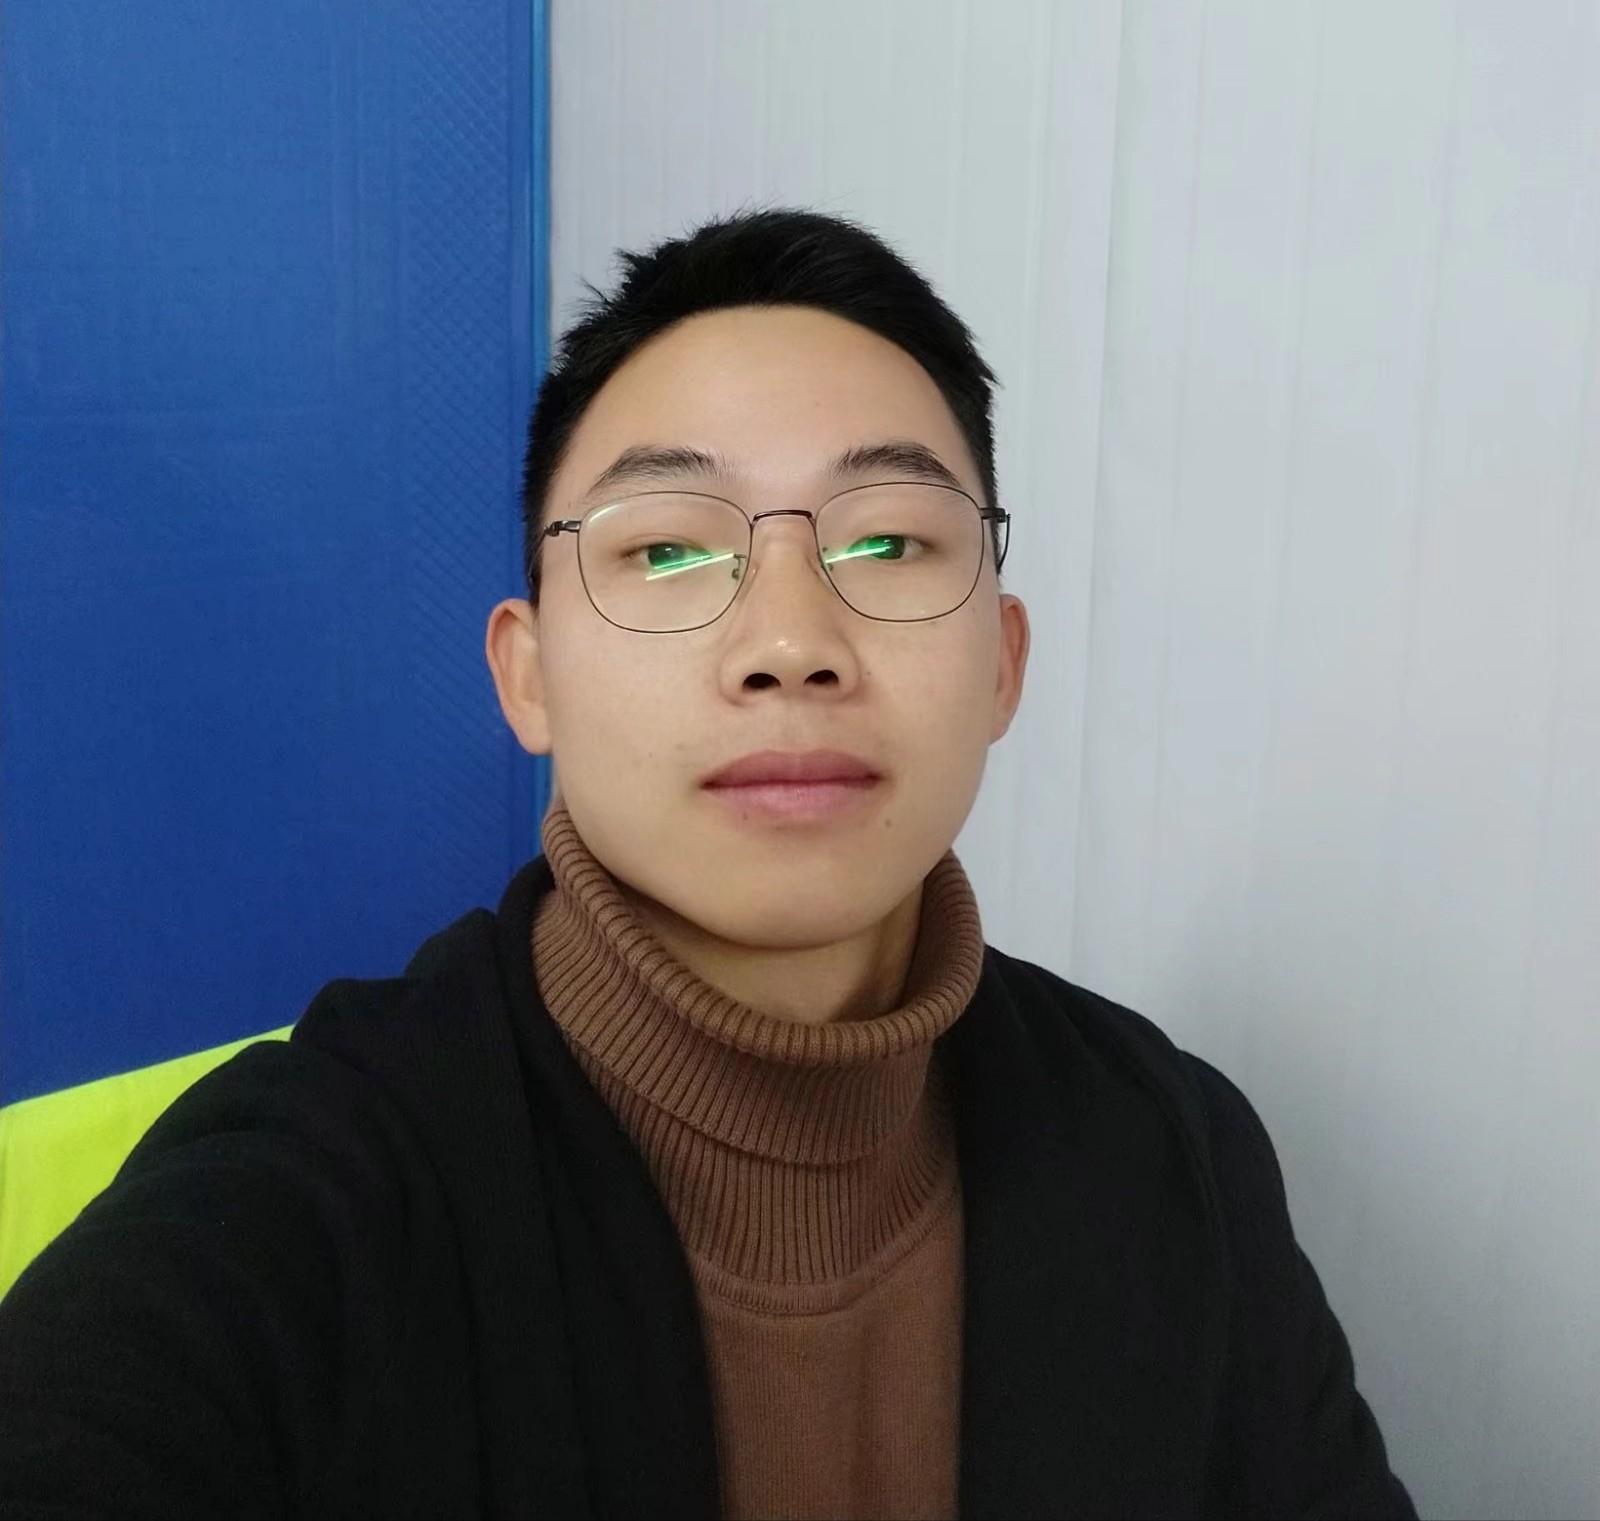 杨先生头像